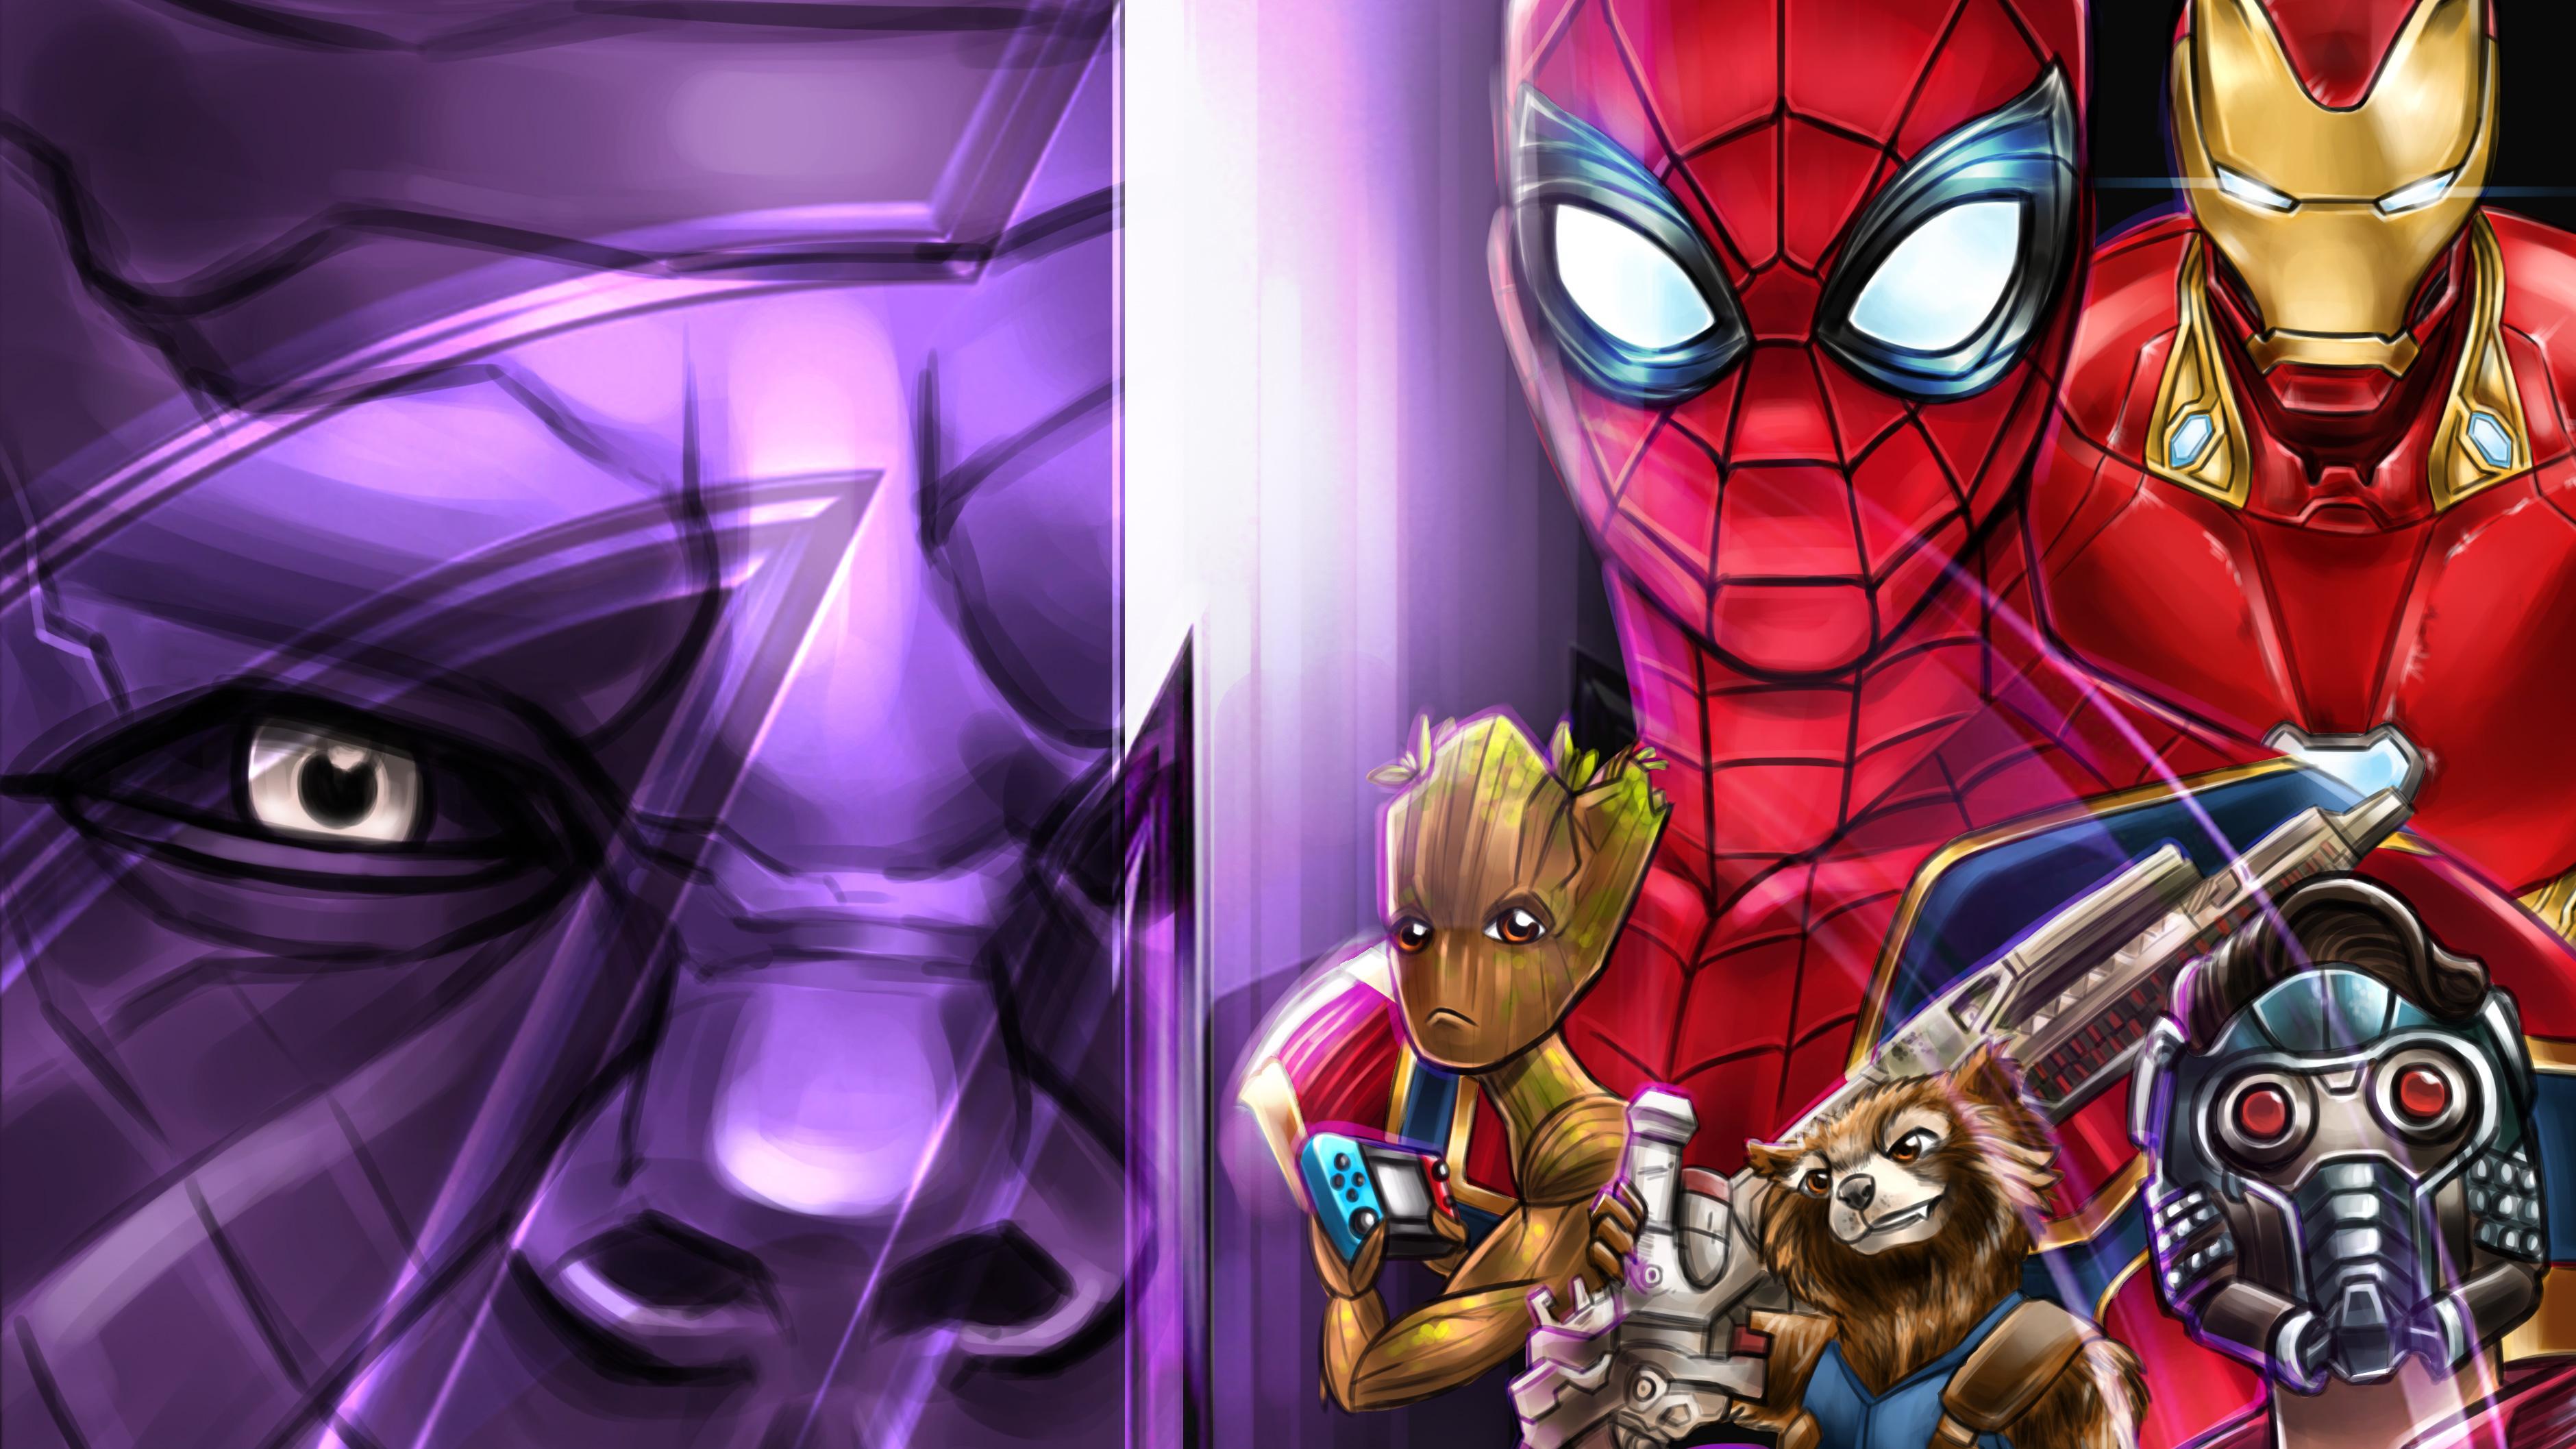 avengers infinity war 4k artwork fk